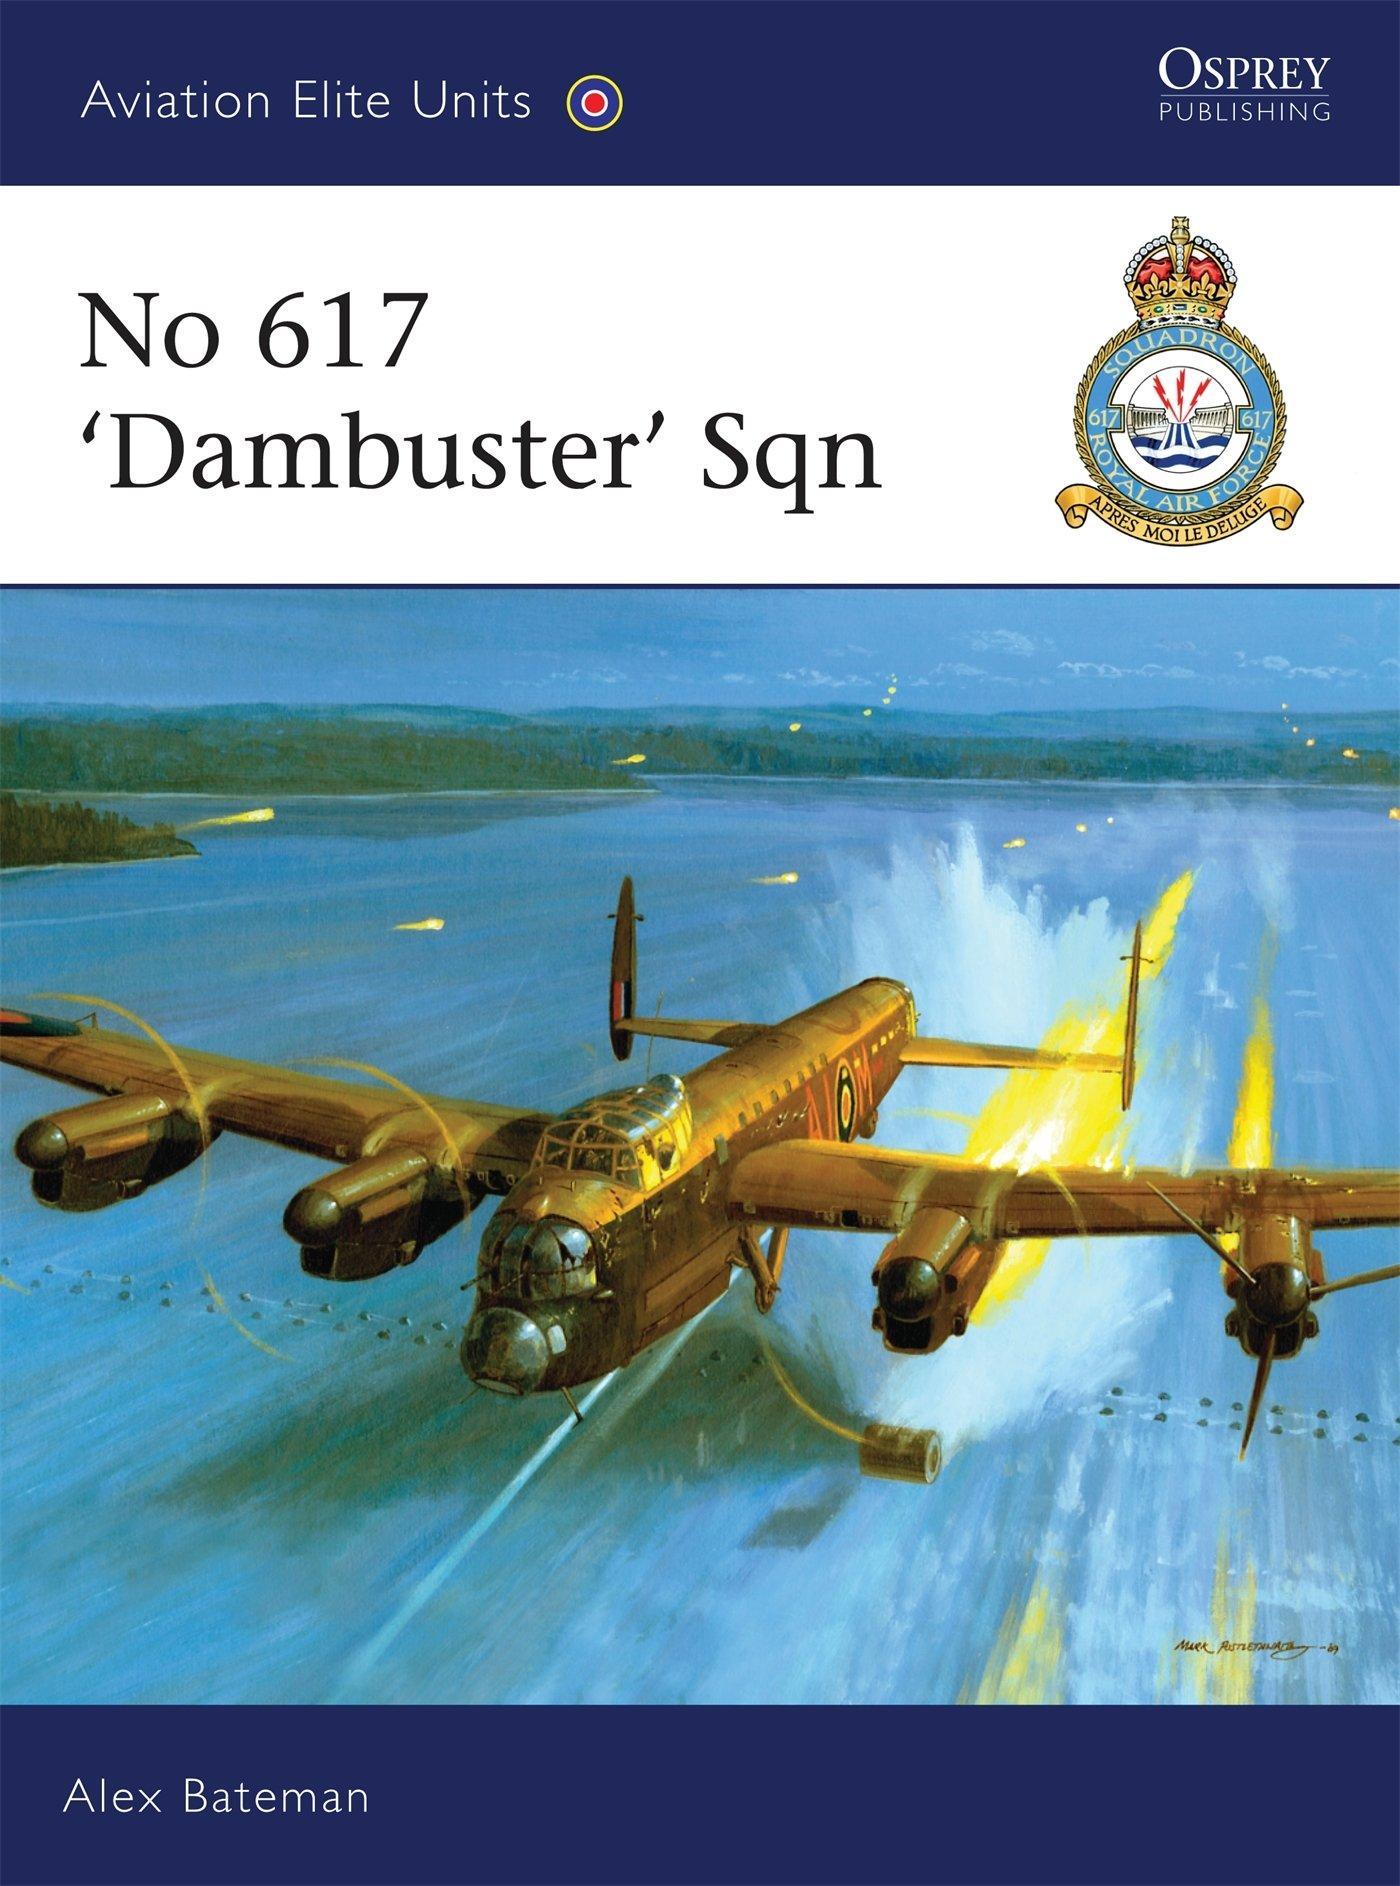 No 617 Dambusters Sqn